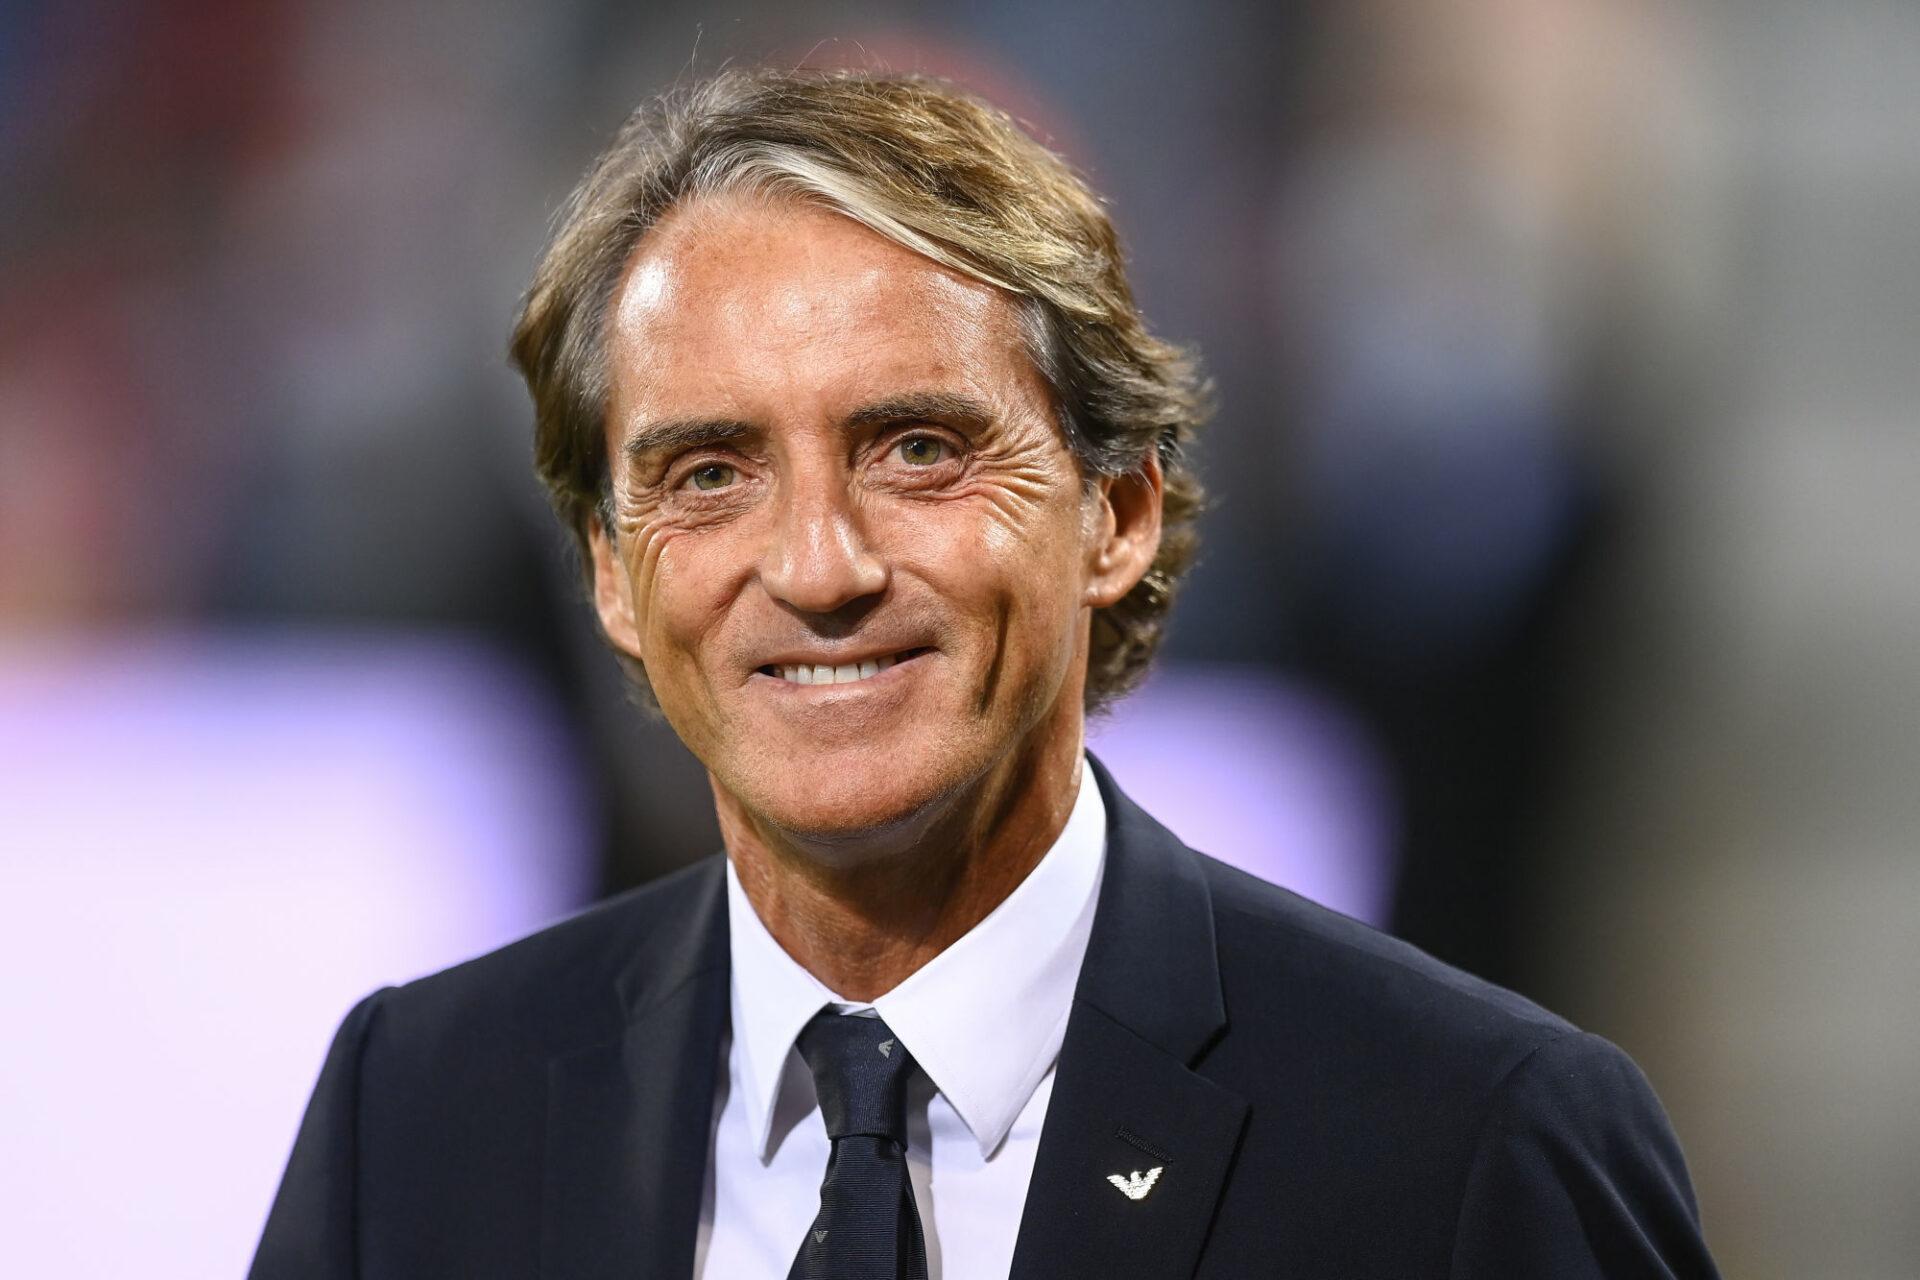 Le sélectionneur Roberto Mancini est l'homme derrière l'incroyable série d'invincibilité de l'Italie (37 matchs sans défaite depuis 2018). Icon Sport